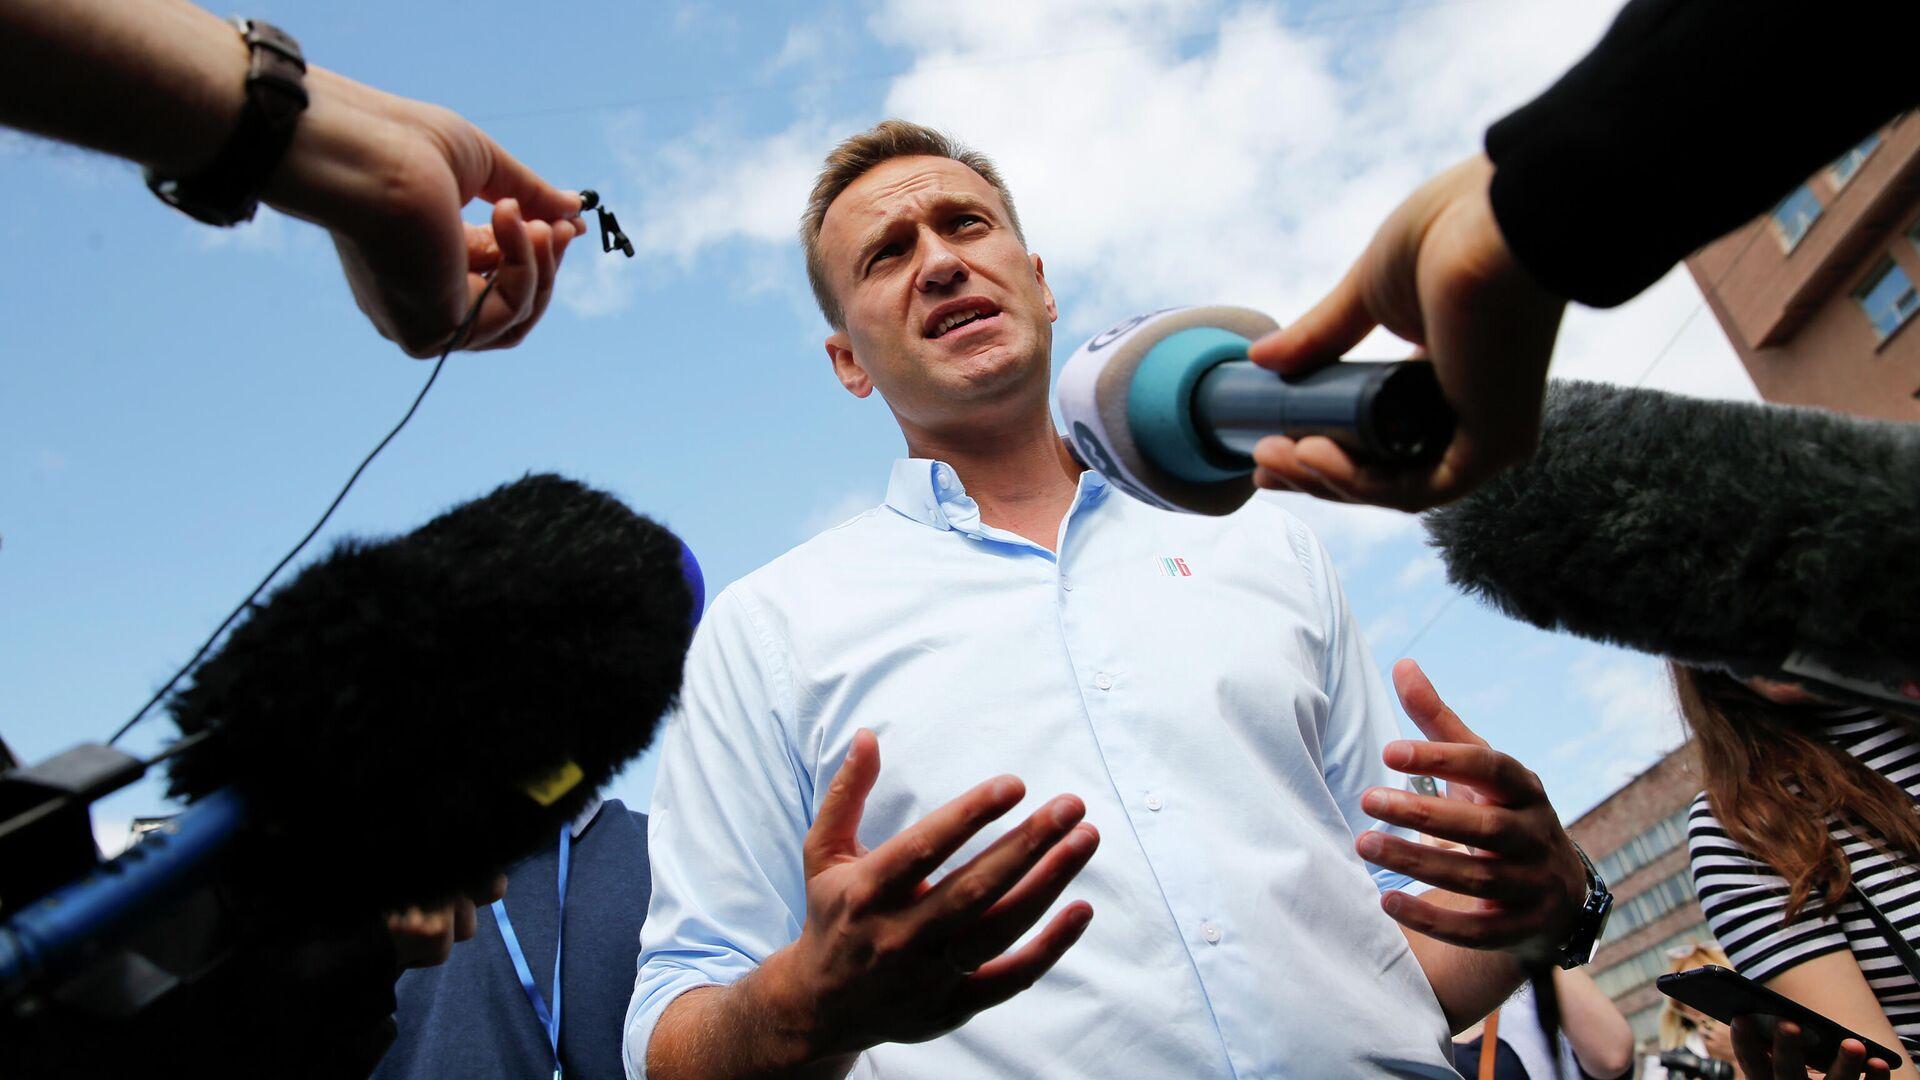 Алексей Навальный во время общения с журналистами - РИА Новости, 1920, 20.09.2020